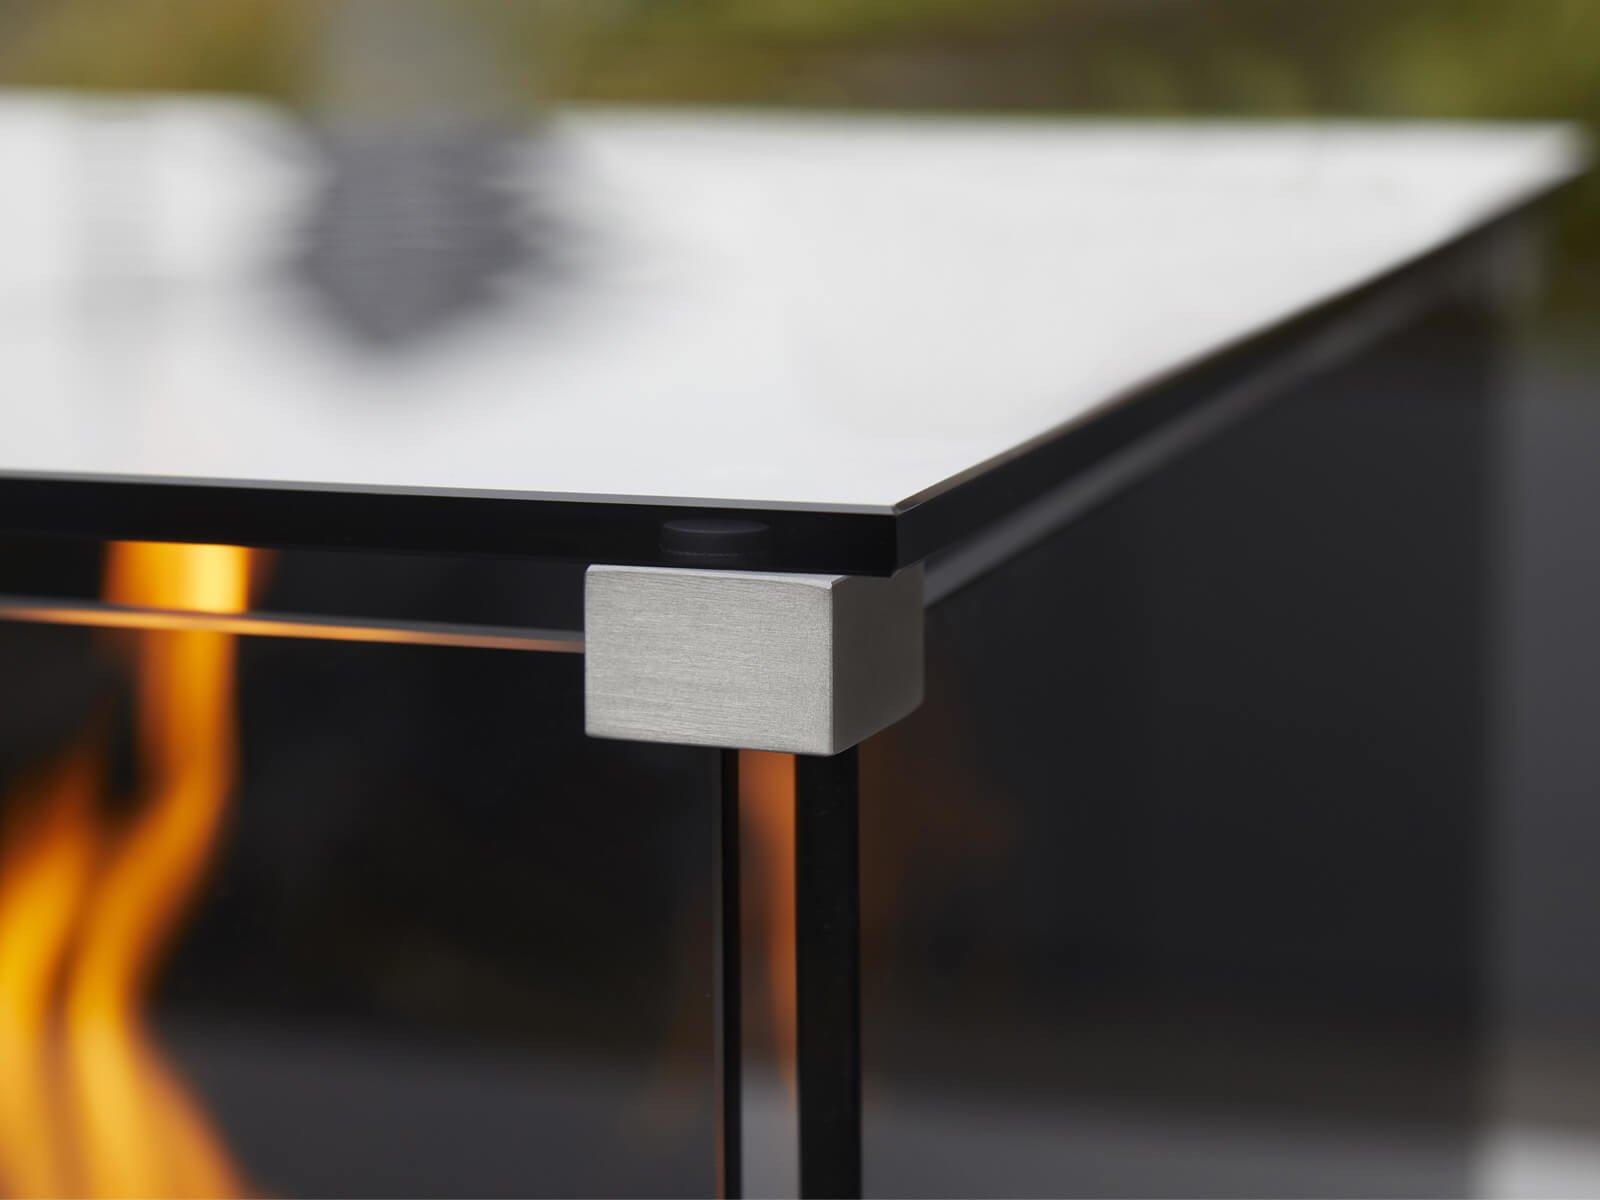 feuersäule-mit-glasplatte-zur-wärmeabstrahlung